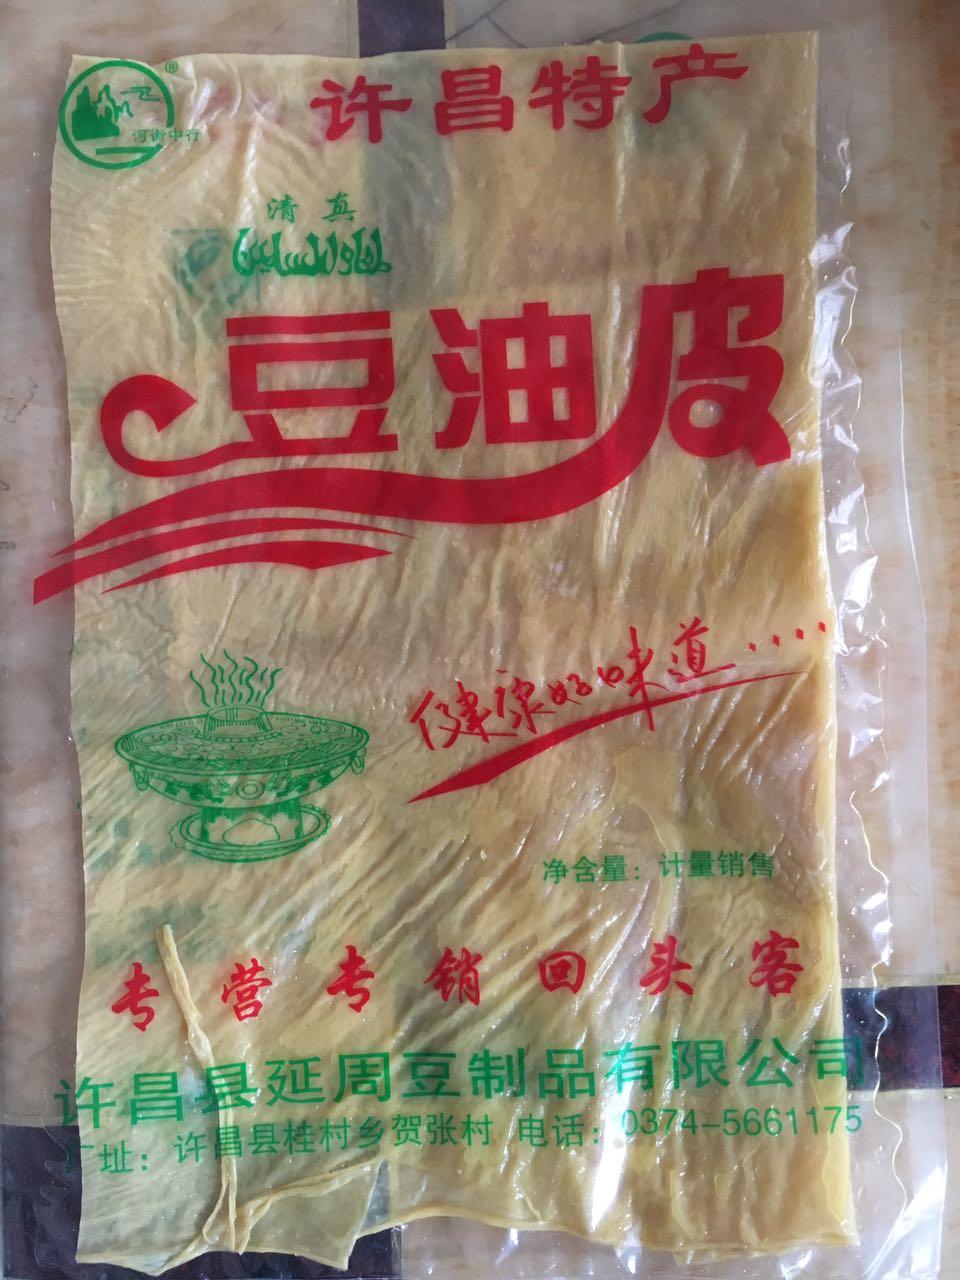 高品质豆油皮延周豆制品供应,豆油皮种类